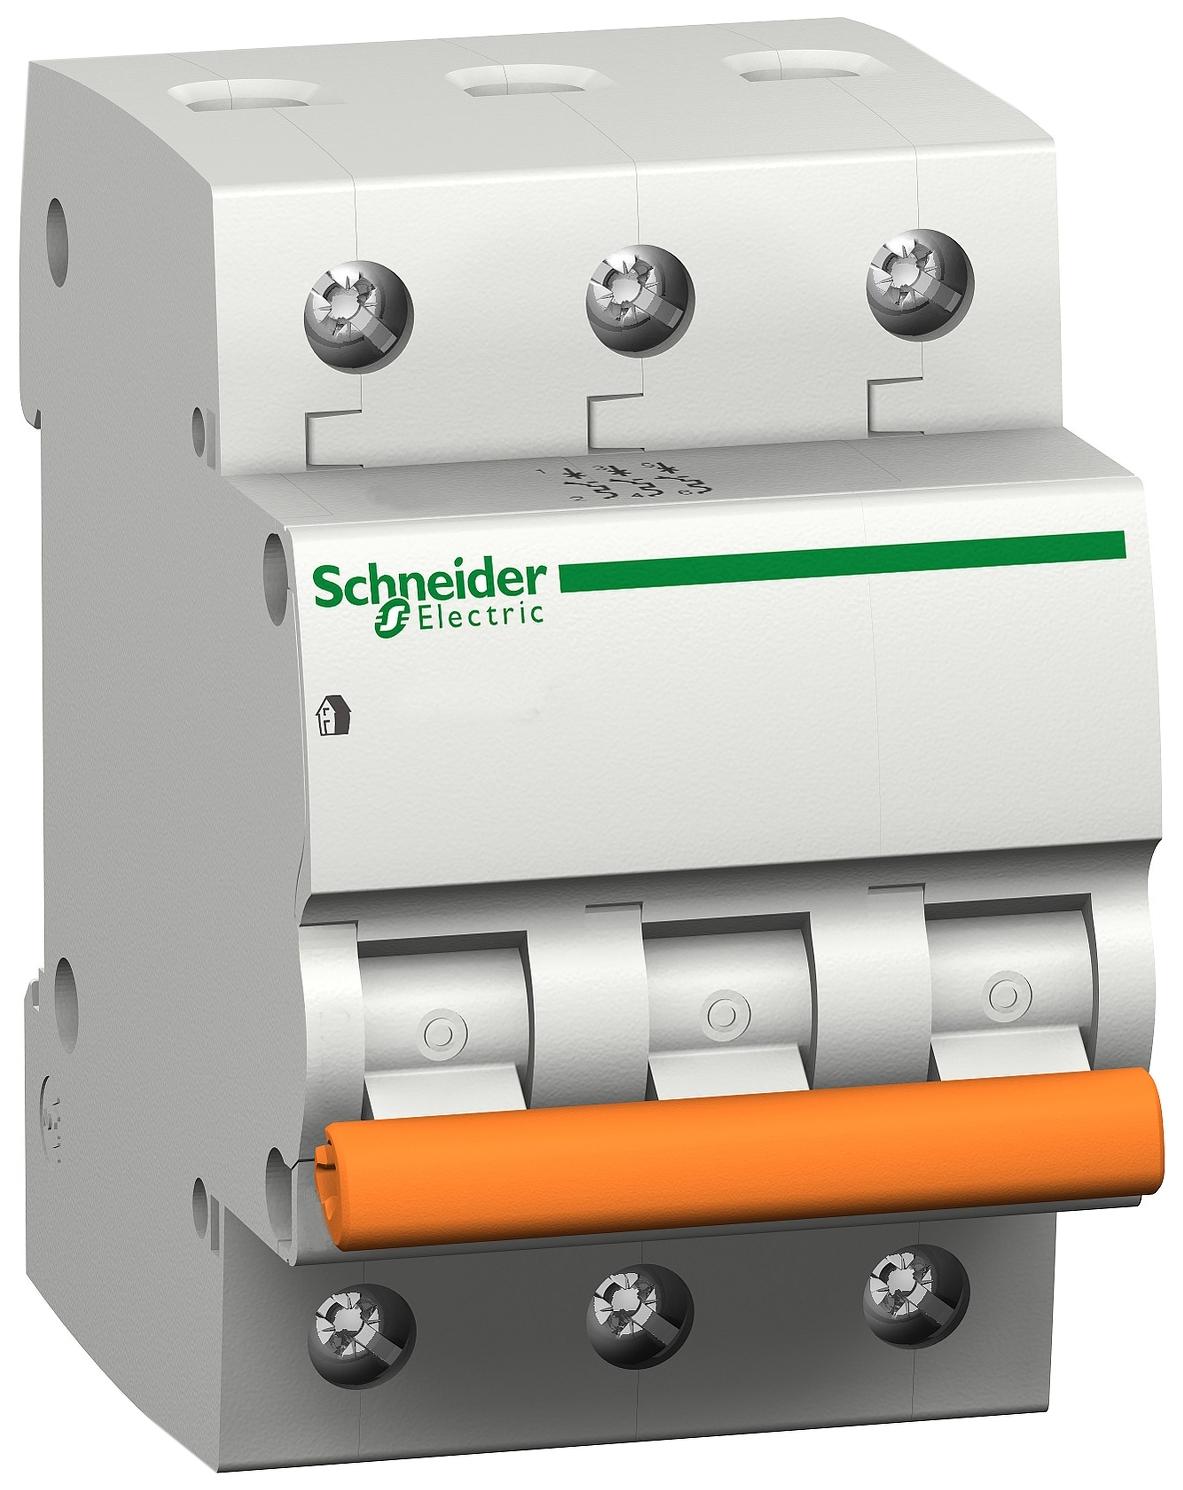 SCHNEIDER ELECTRIC 11225